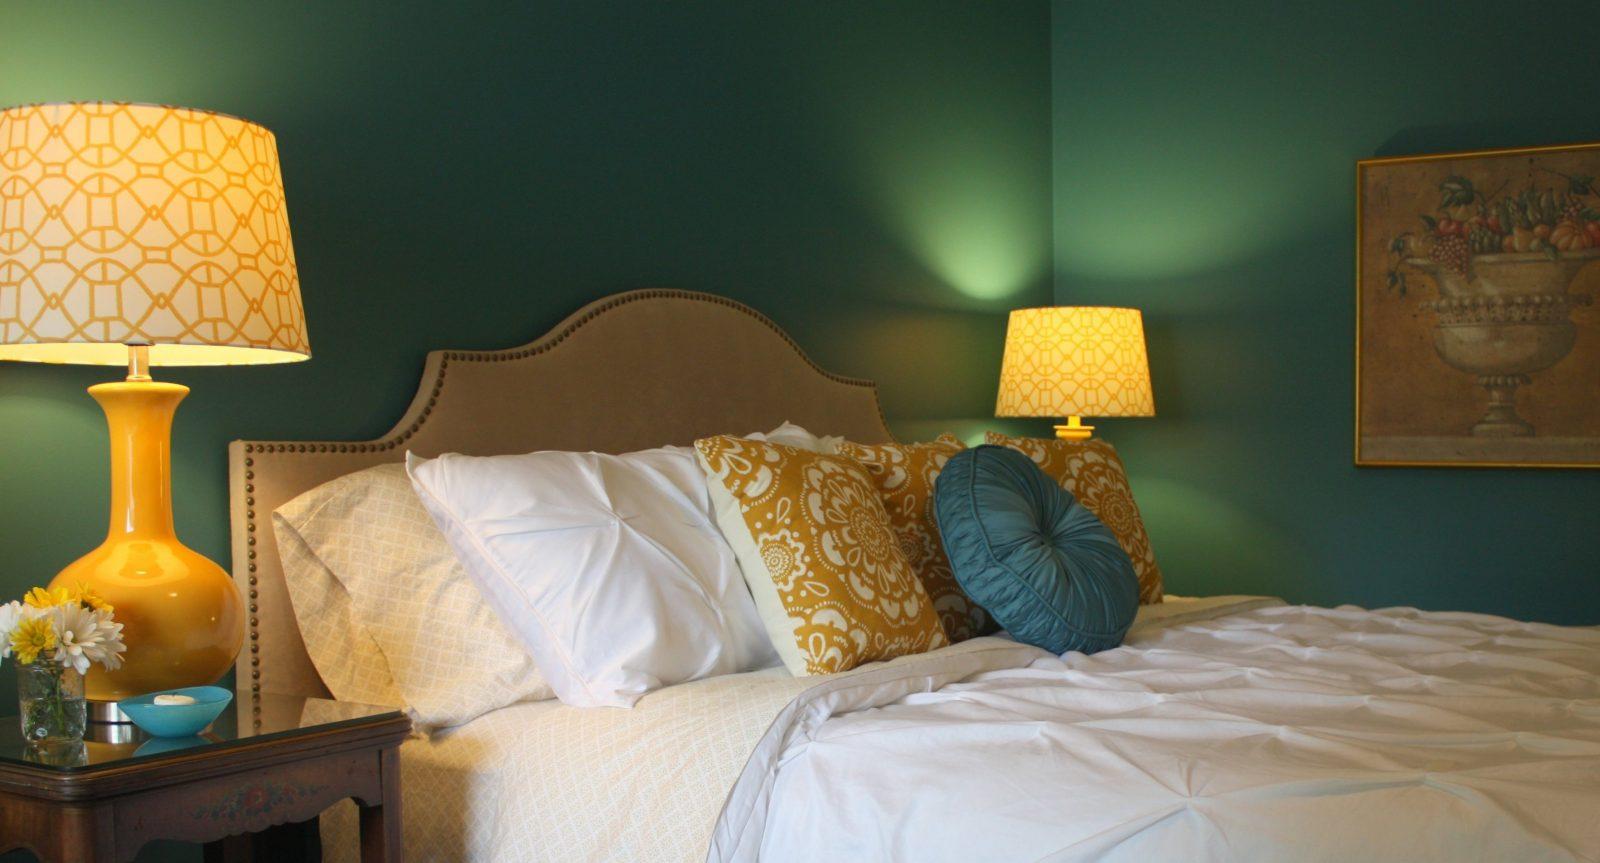 Wohnzimmer Ideen Wand Streichen Wandfarbe Grün Und Gelbe von Wand Grün Streichen Ideen Photo